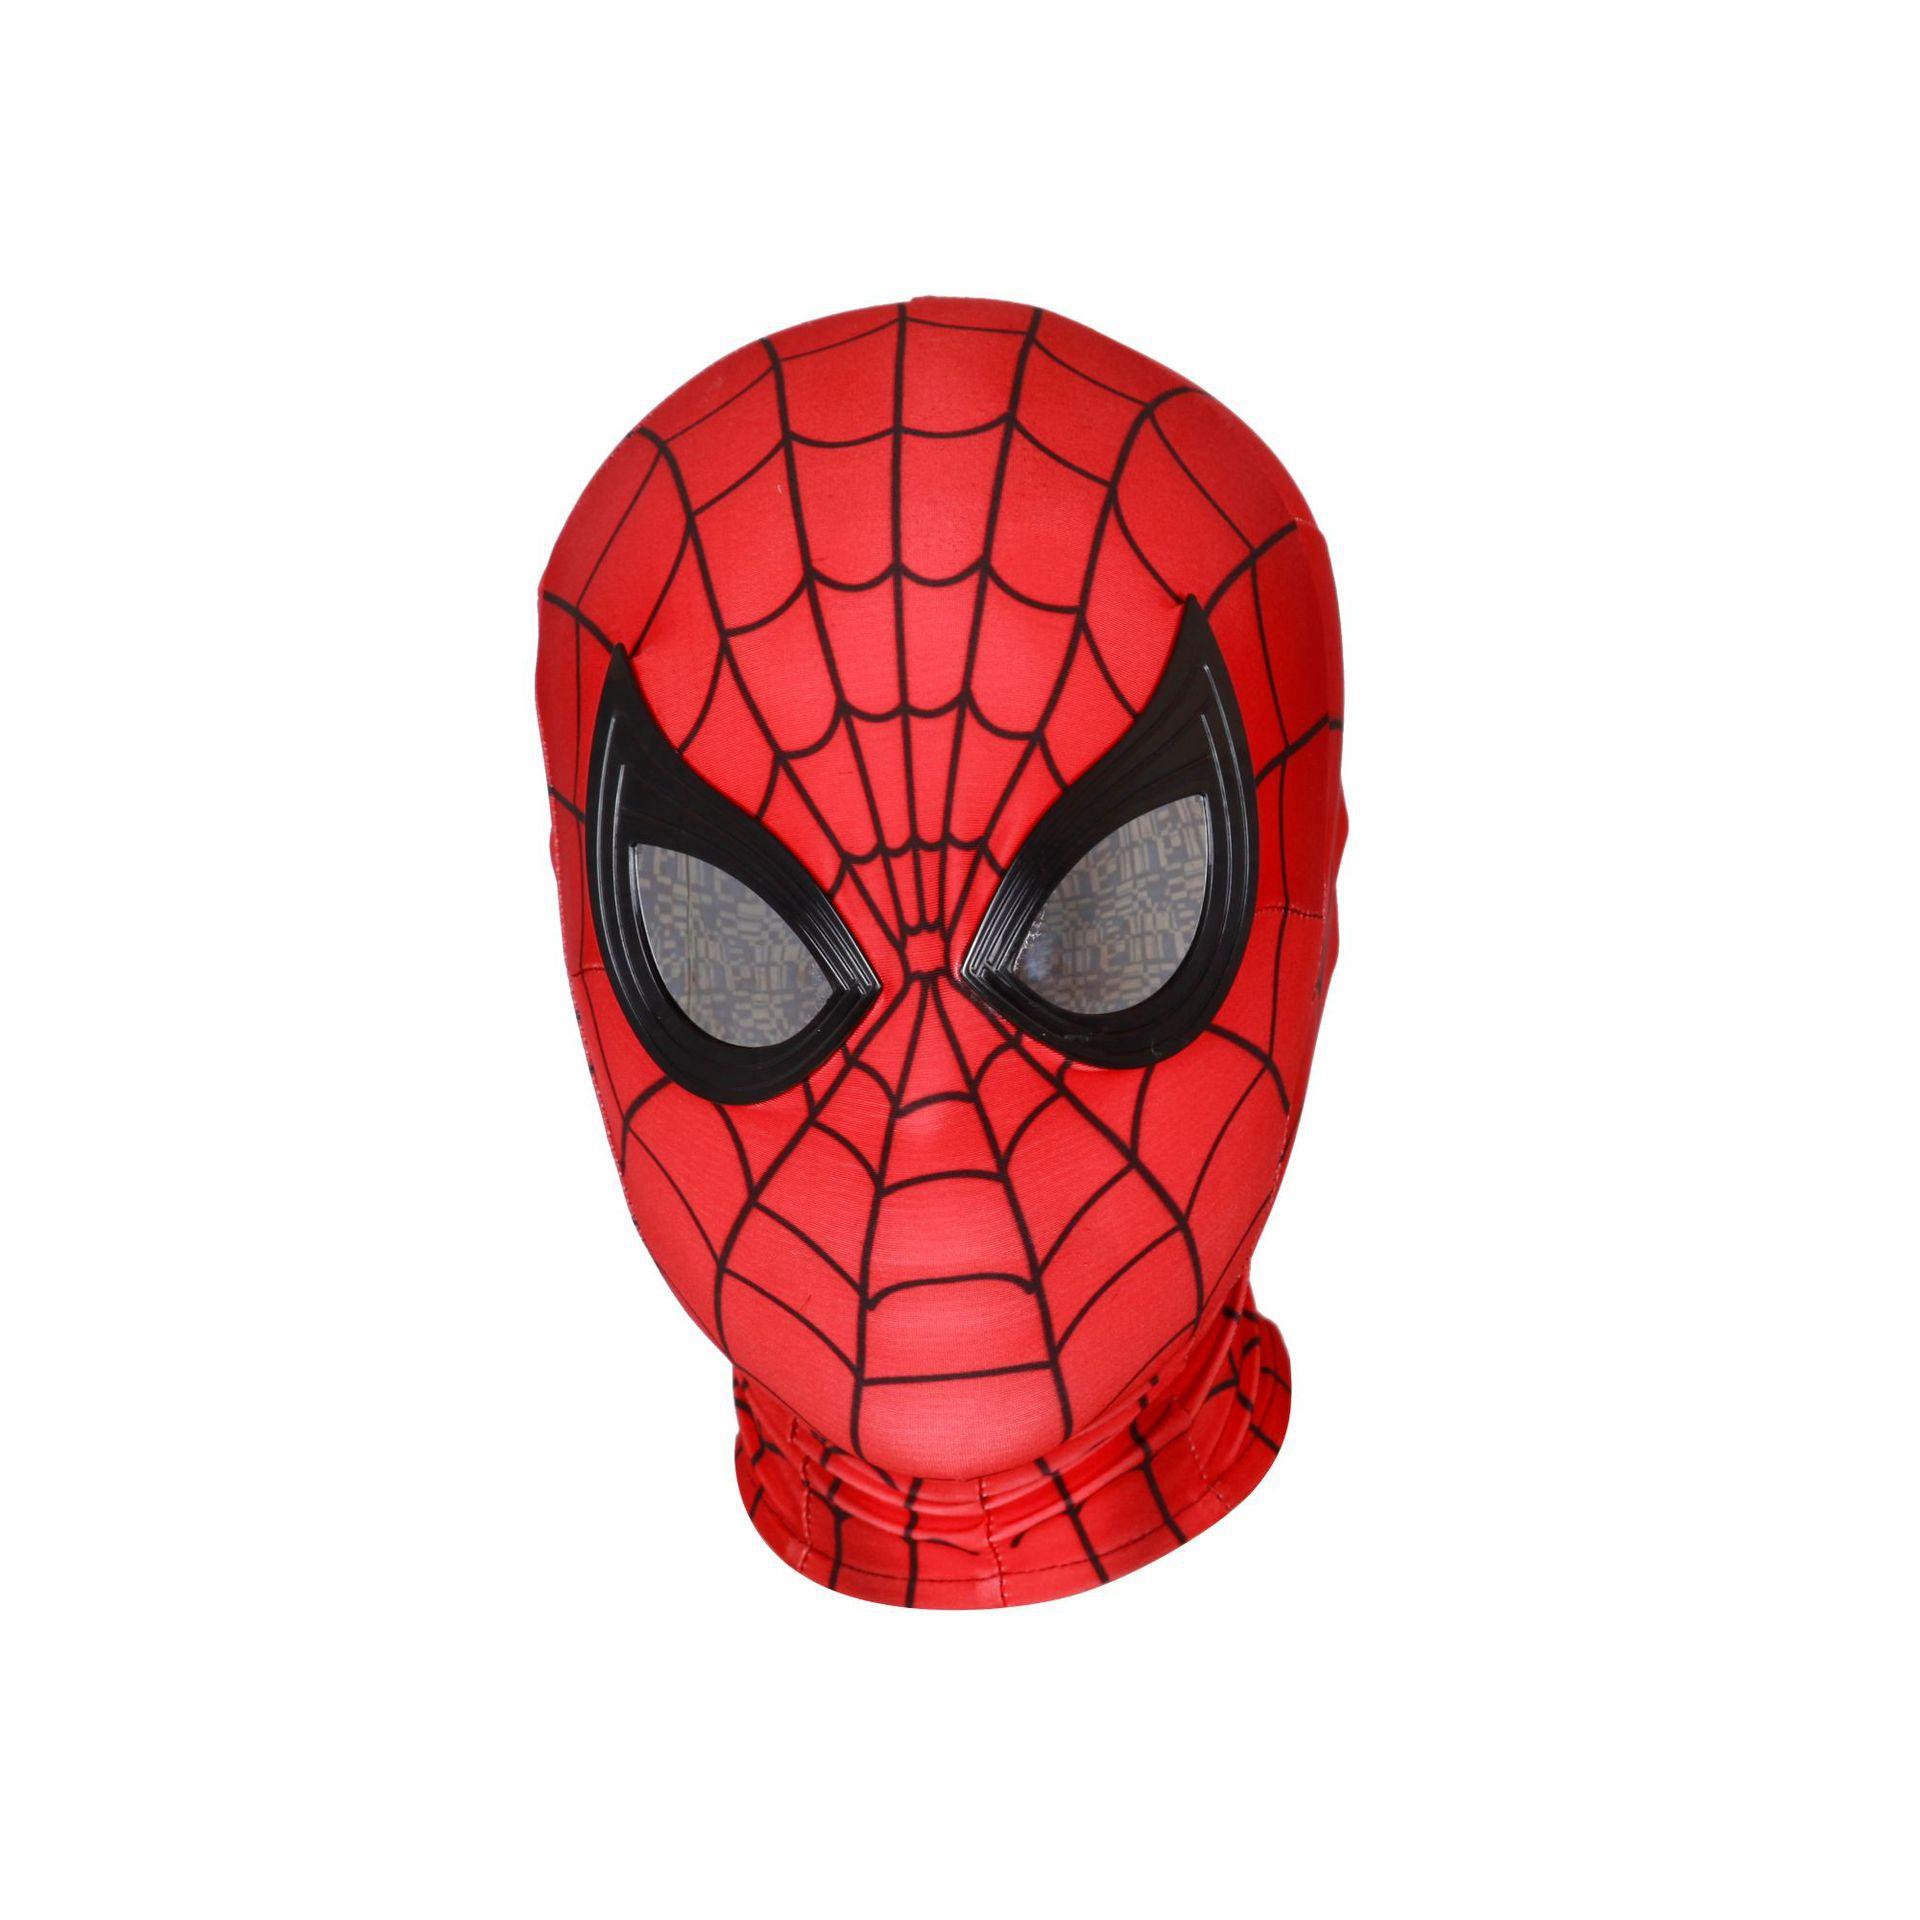 面具尔cos联盟复仇者蜘蛛侠斯头套迈男面罩威平行宇宙o弹透气漫高